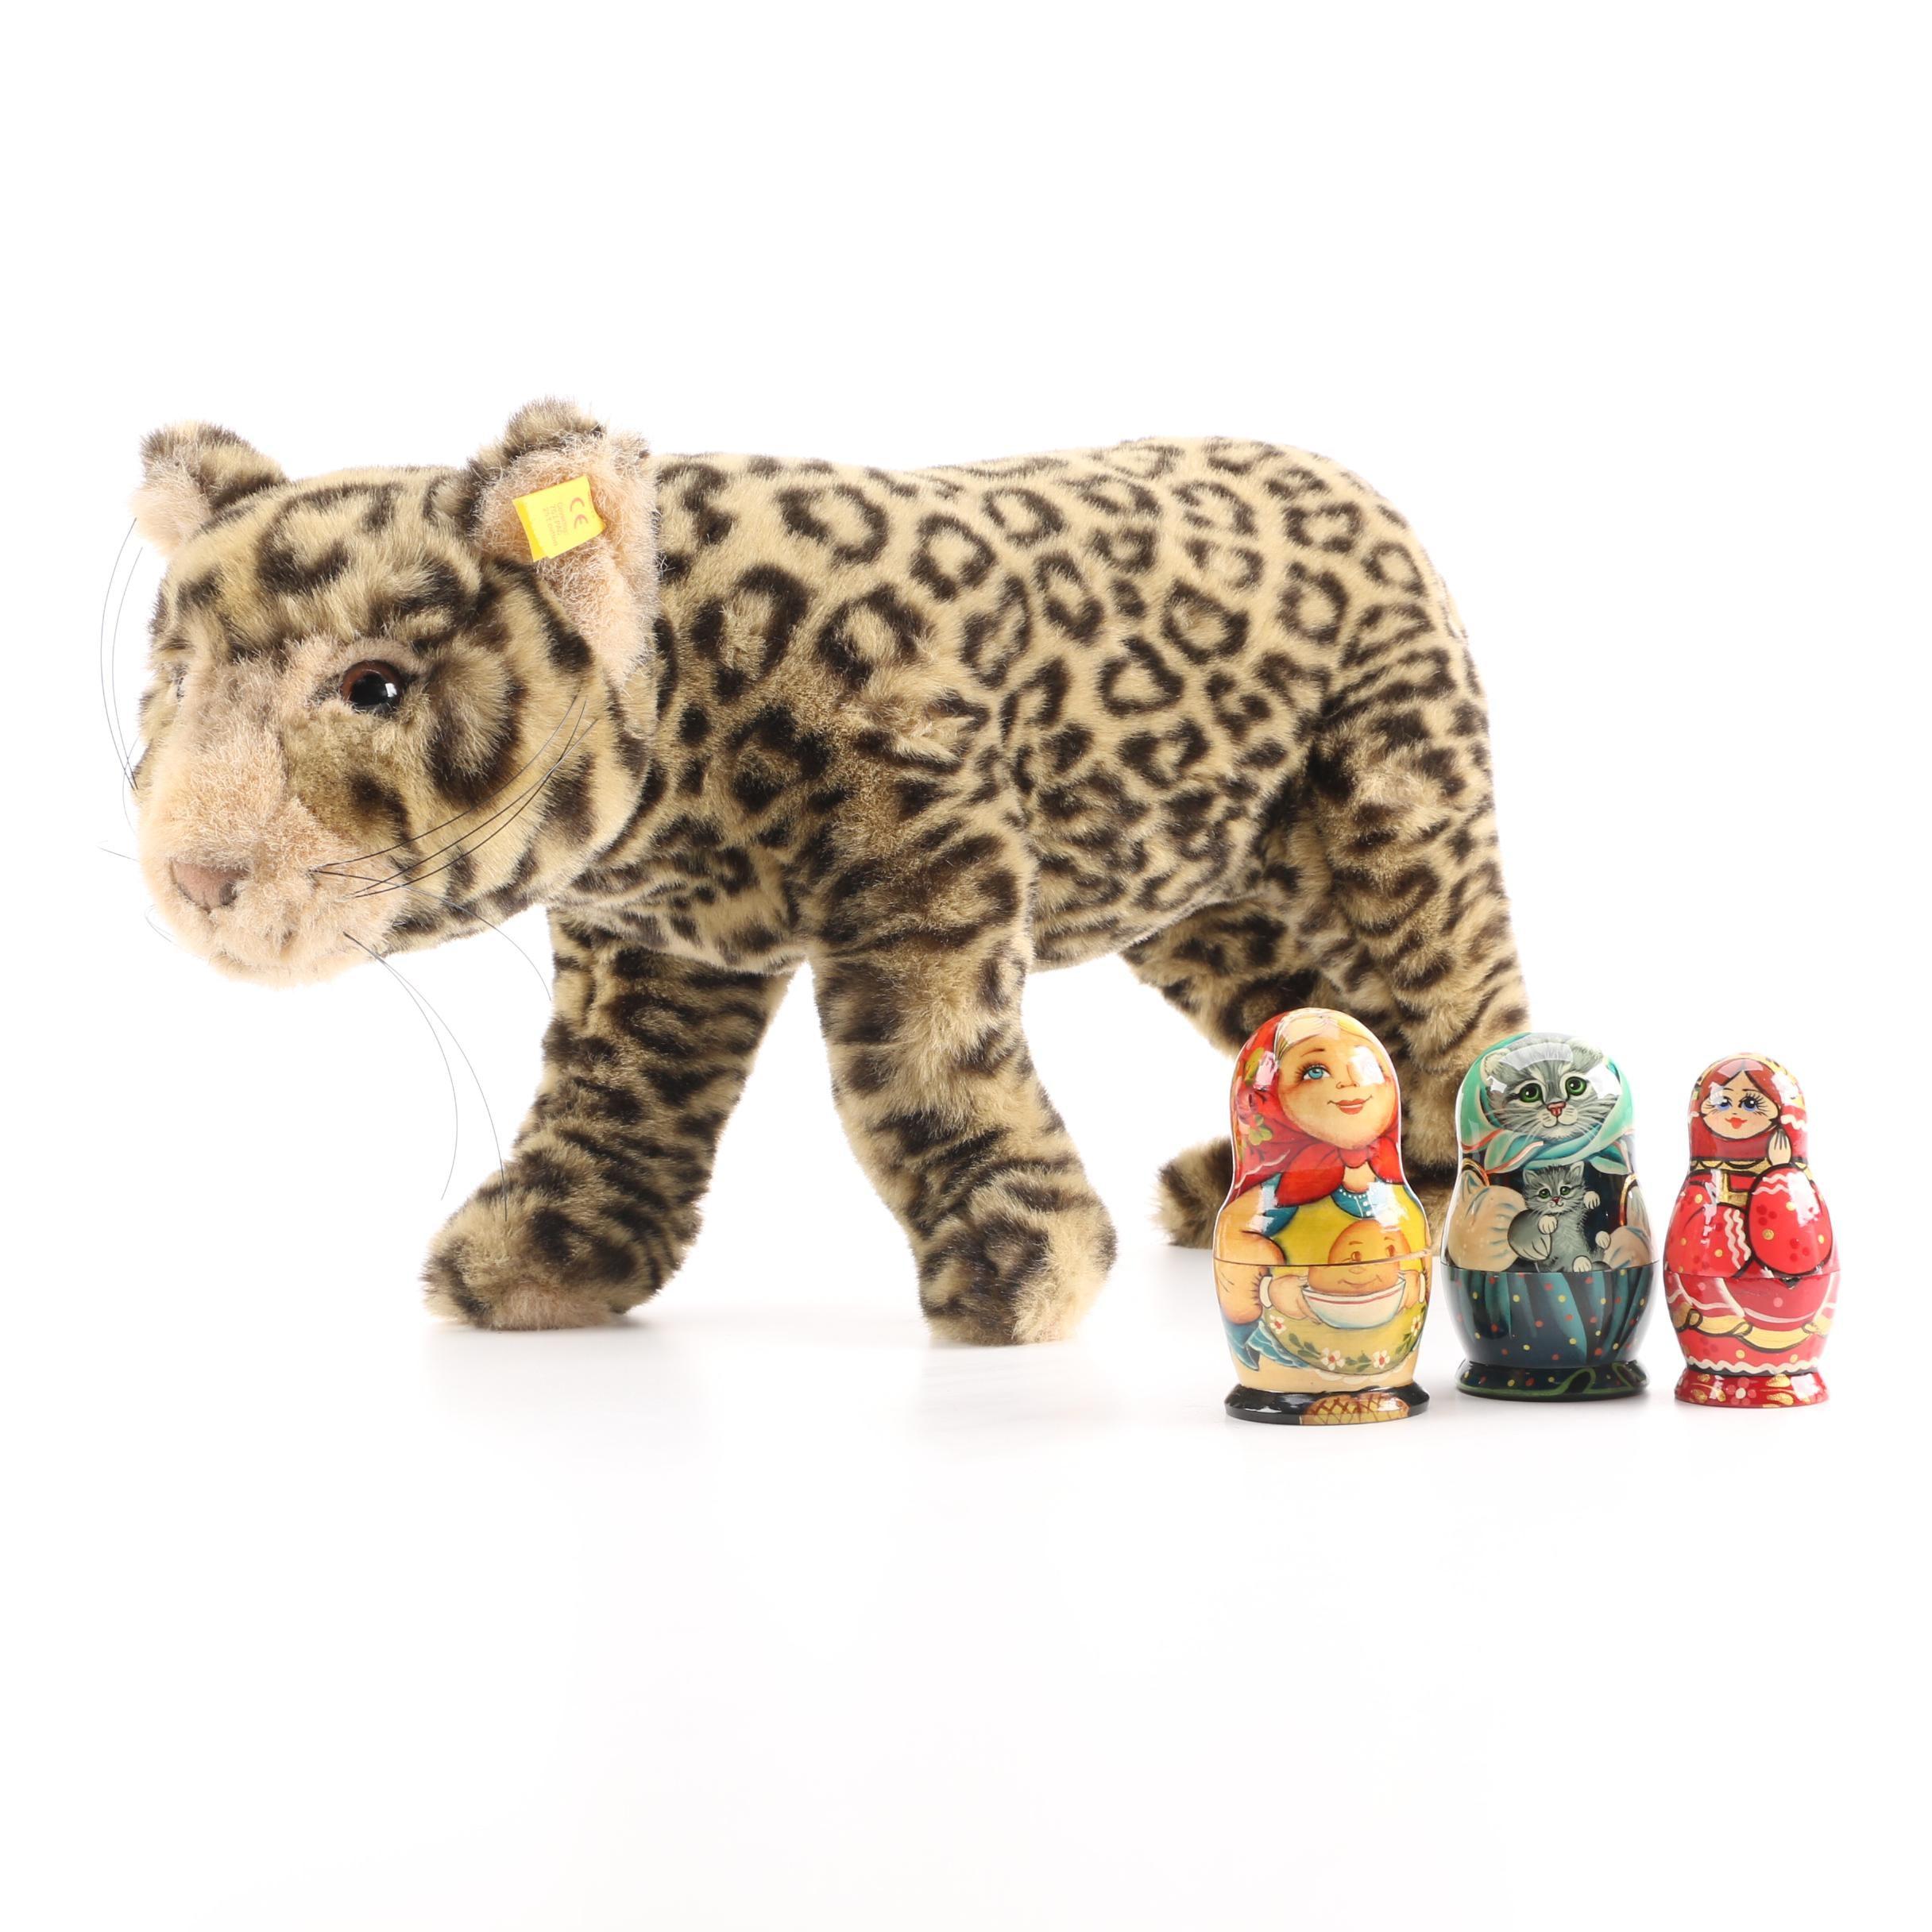 Steiff Leopard and Matryoshka Nesting Dolls